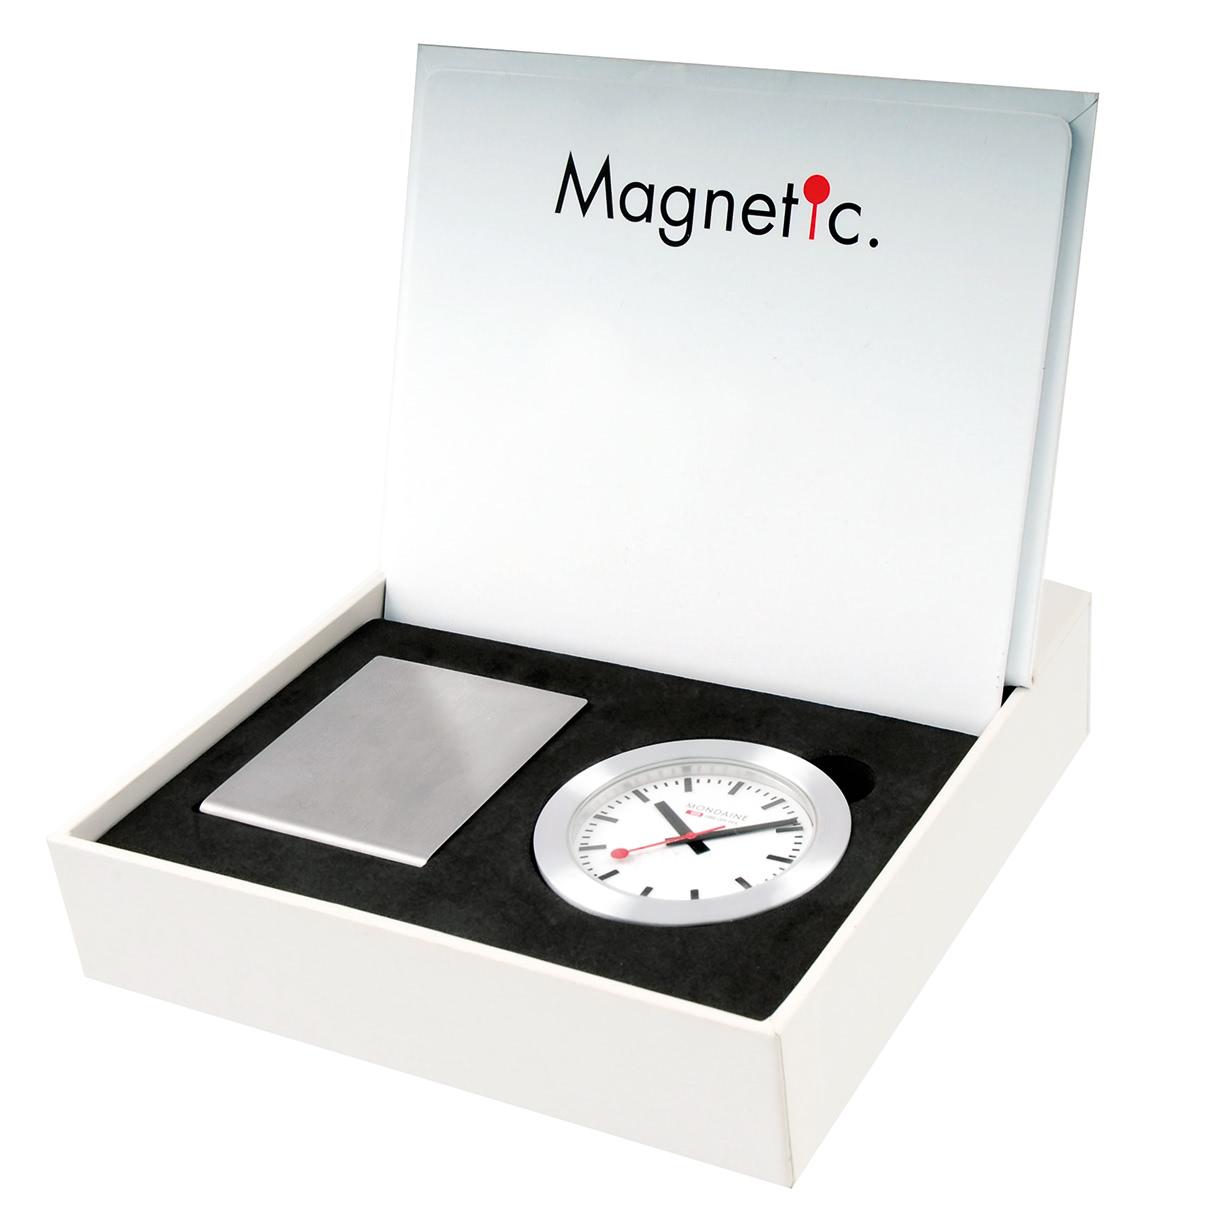 Mondaine magnet clock - Mondaine travel clock ...